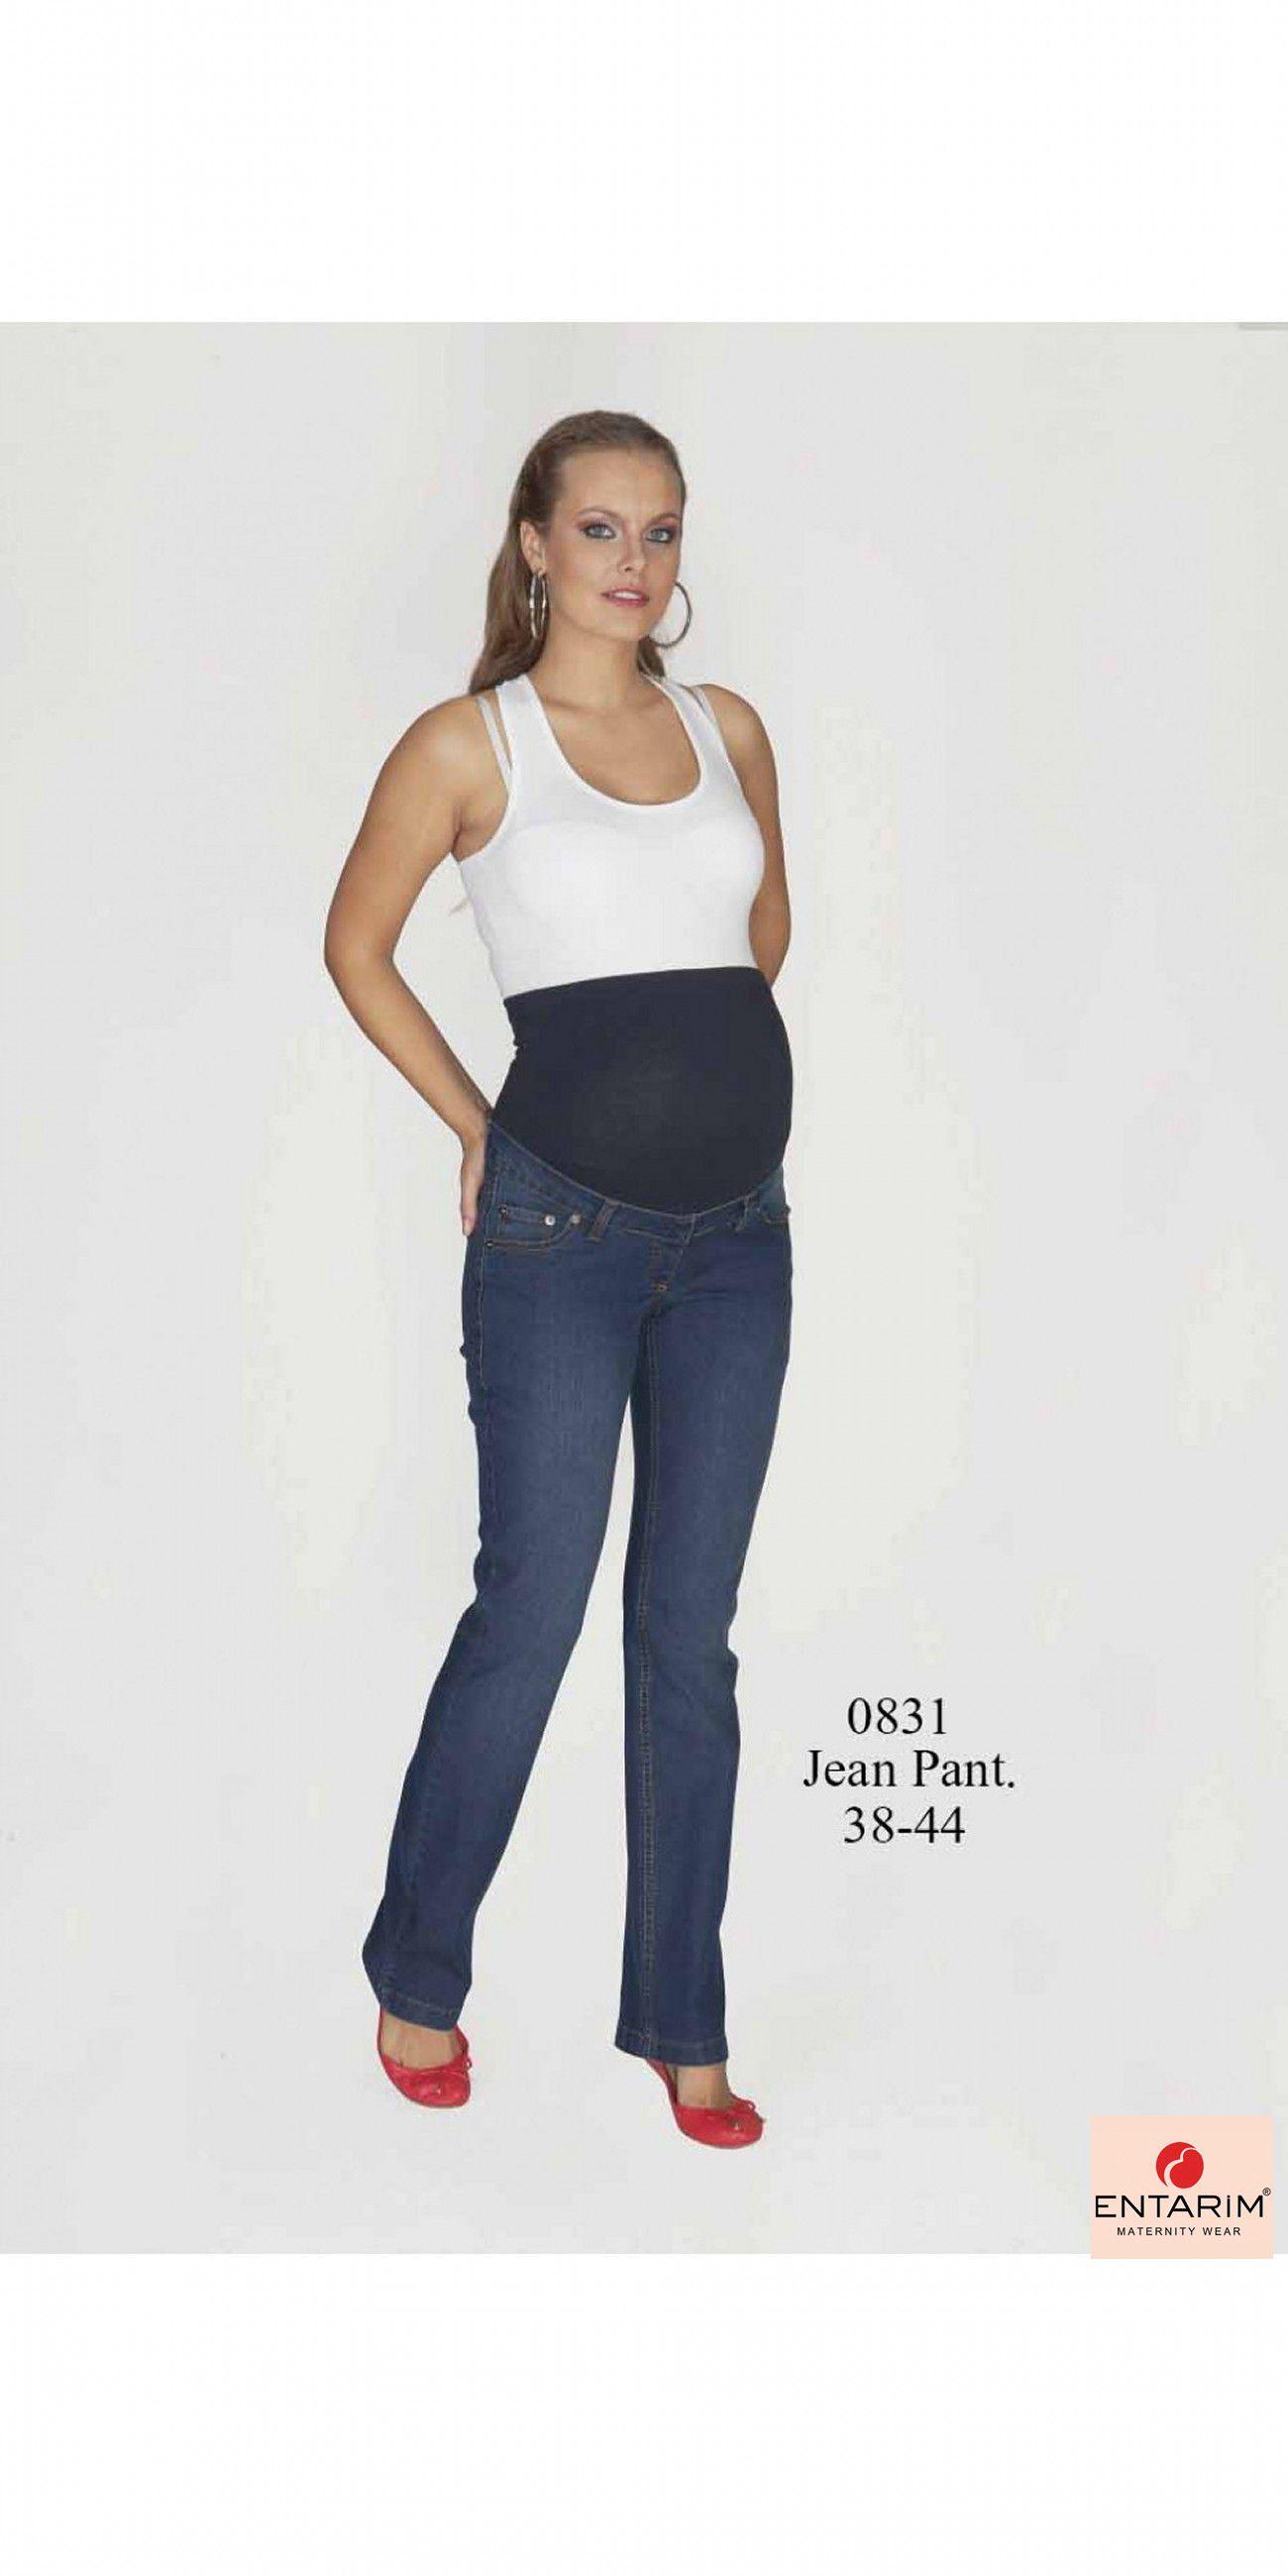 ENTARİM HAZIR GİYİM SAN.VE TİC LTD.ŞTİ Collection Maternity Wear 2014